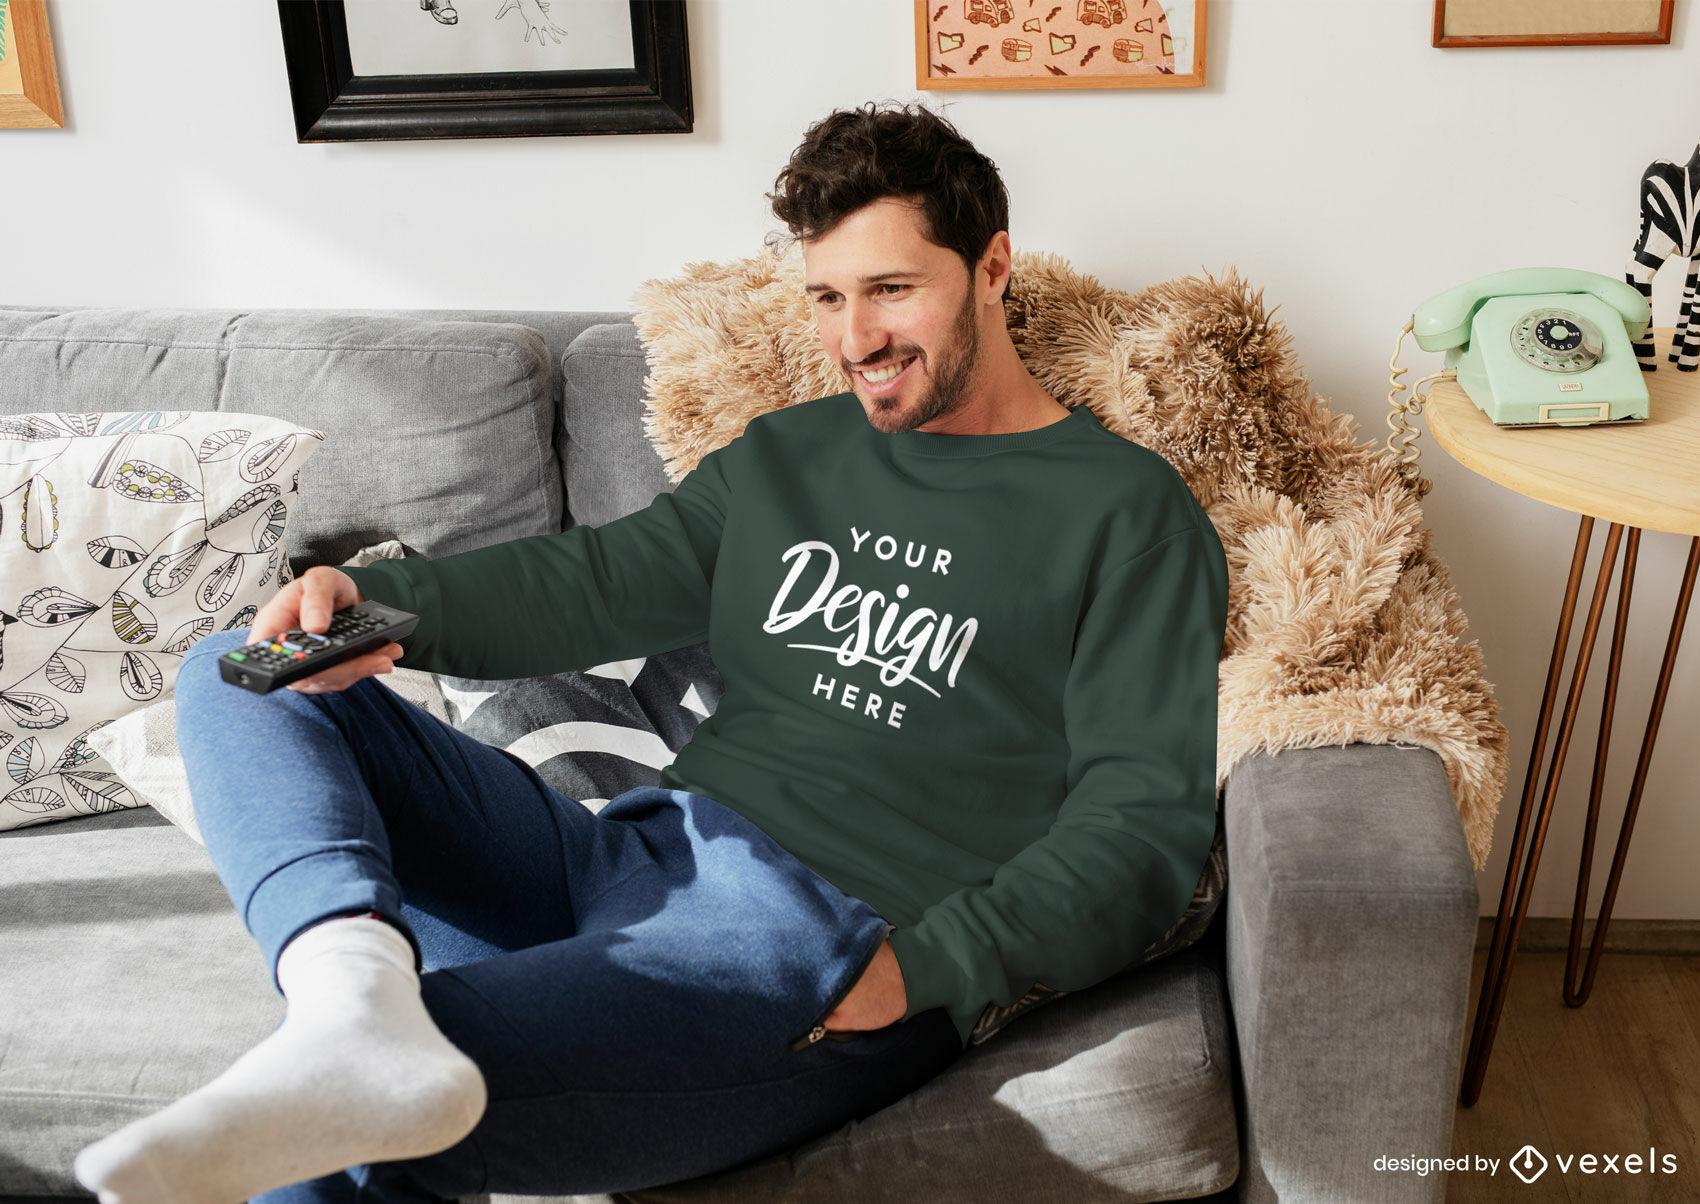 Hombre de maqueta de sudadera verde en la sala de estar sentado